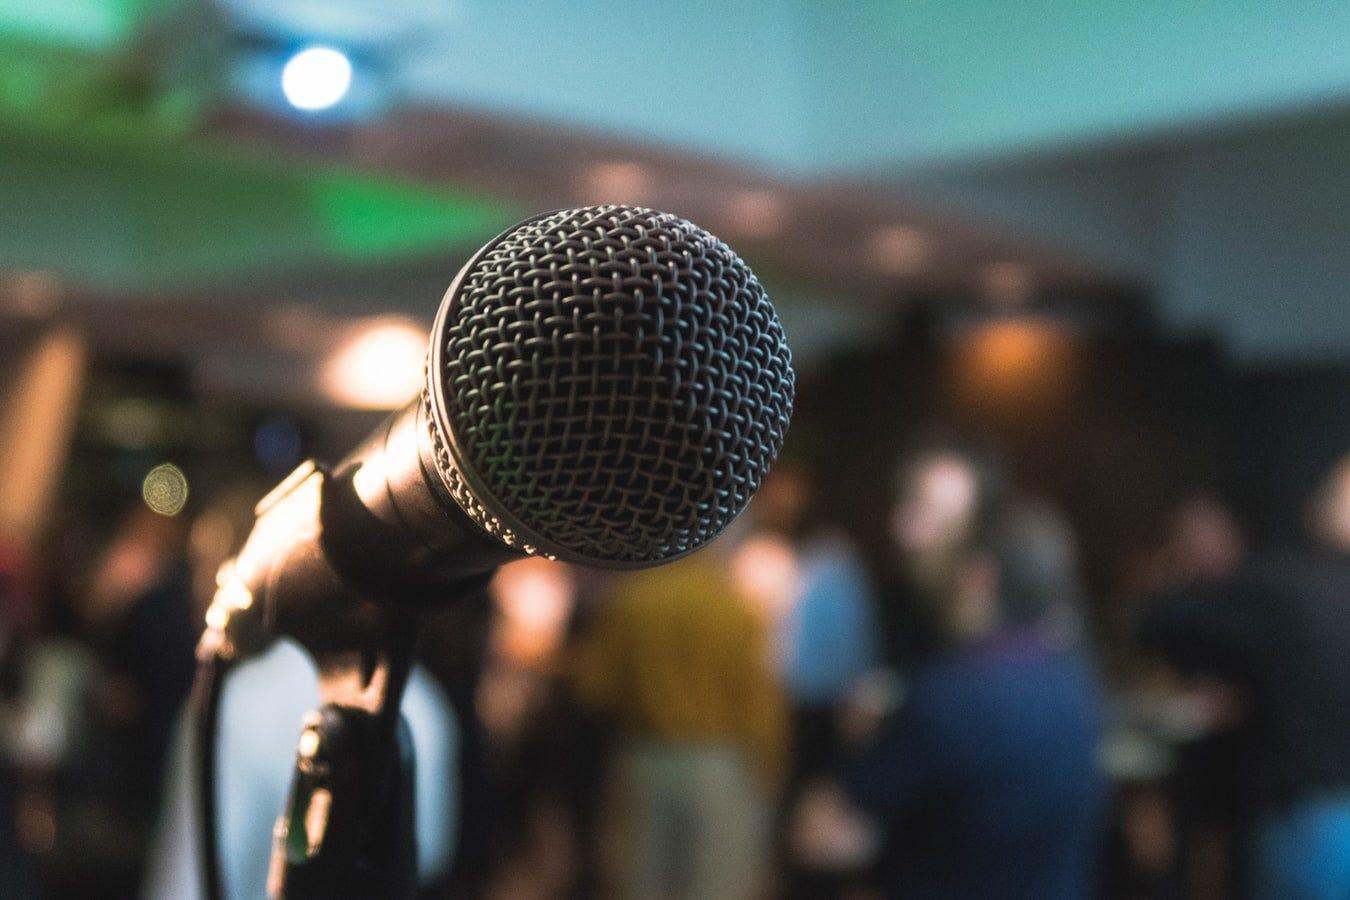 Microphone pointed toward speaker.